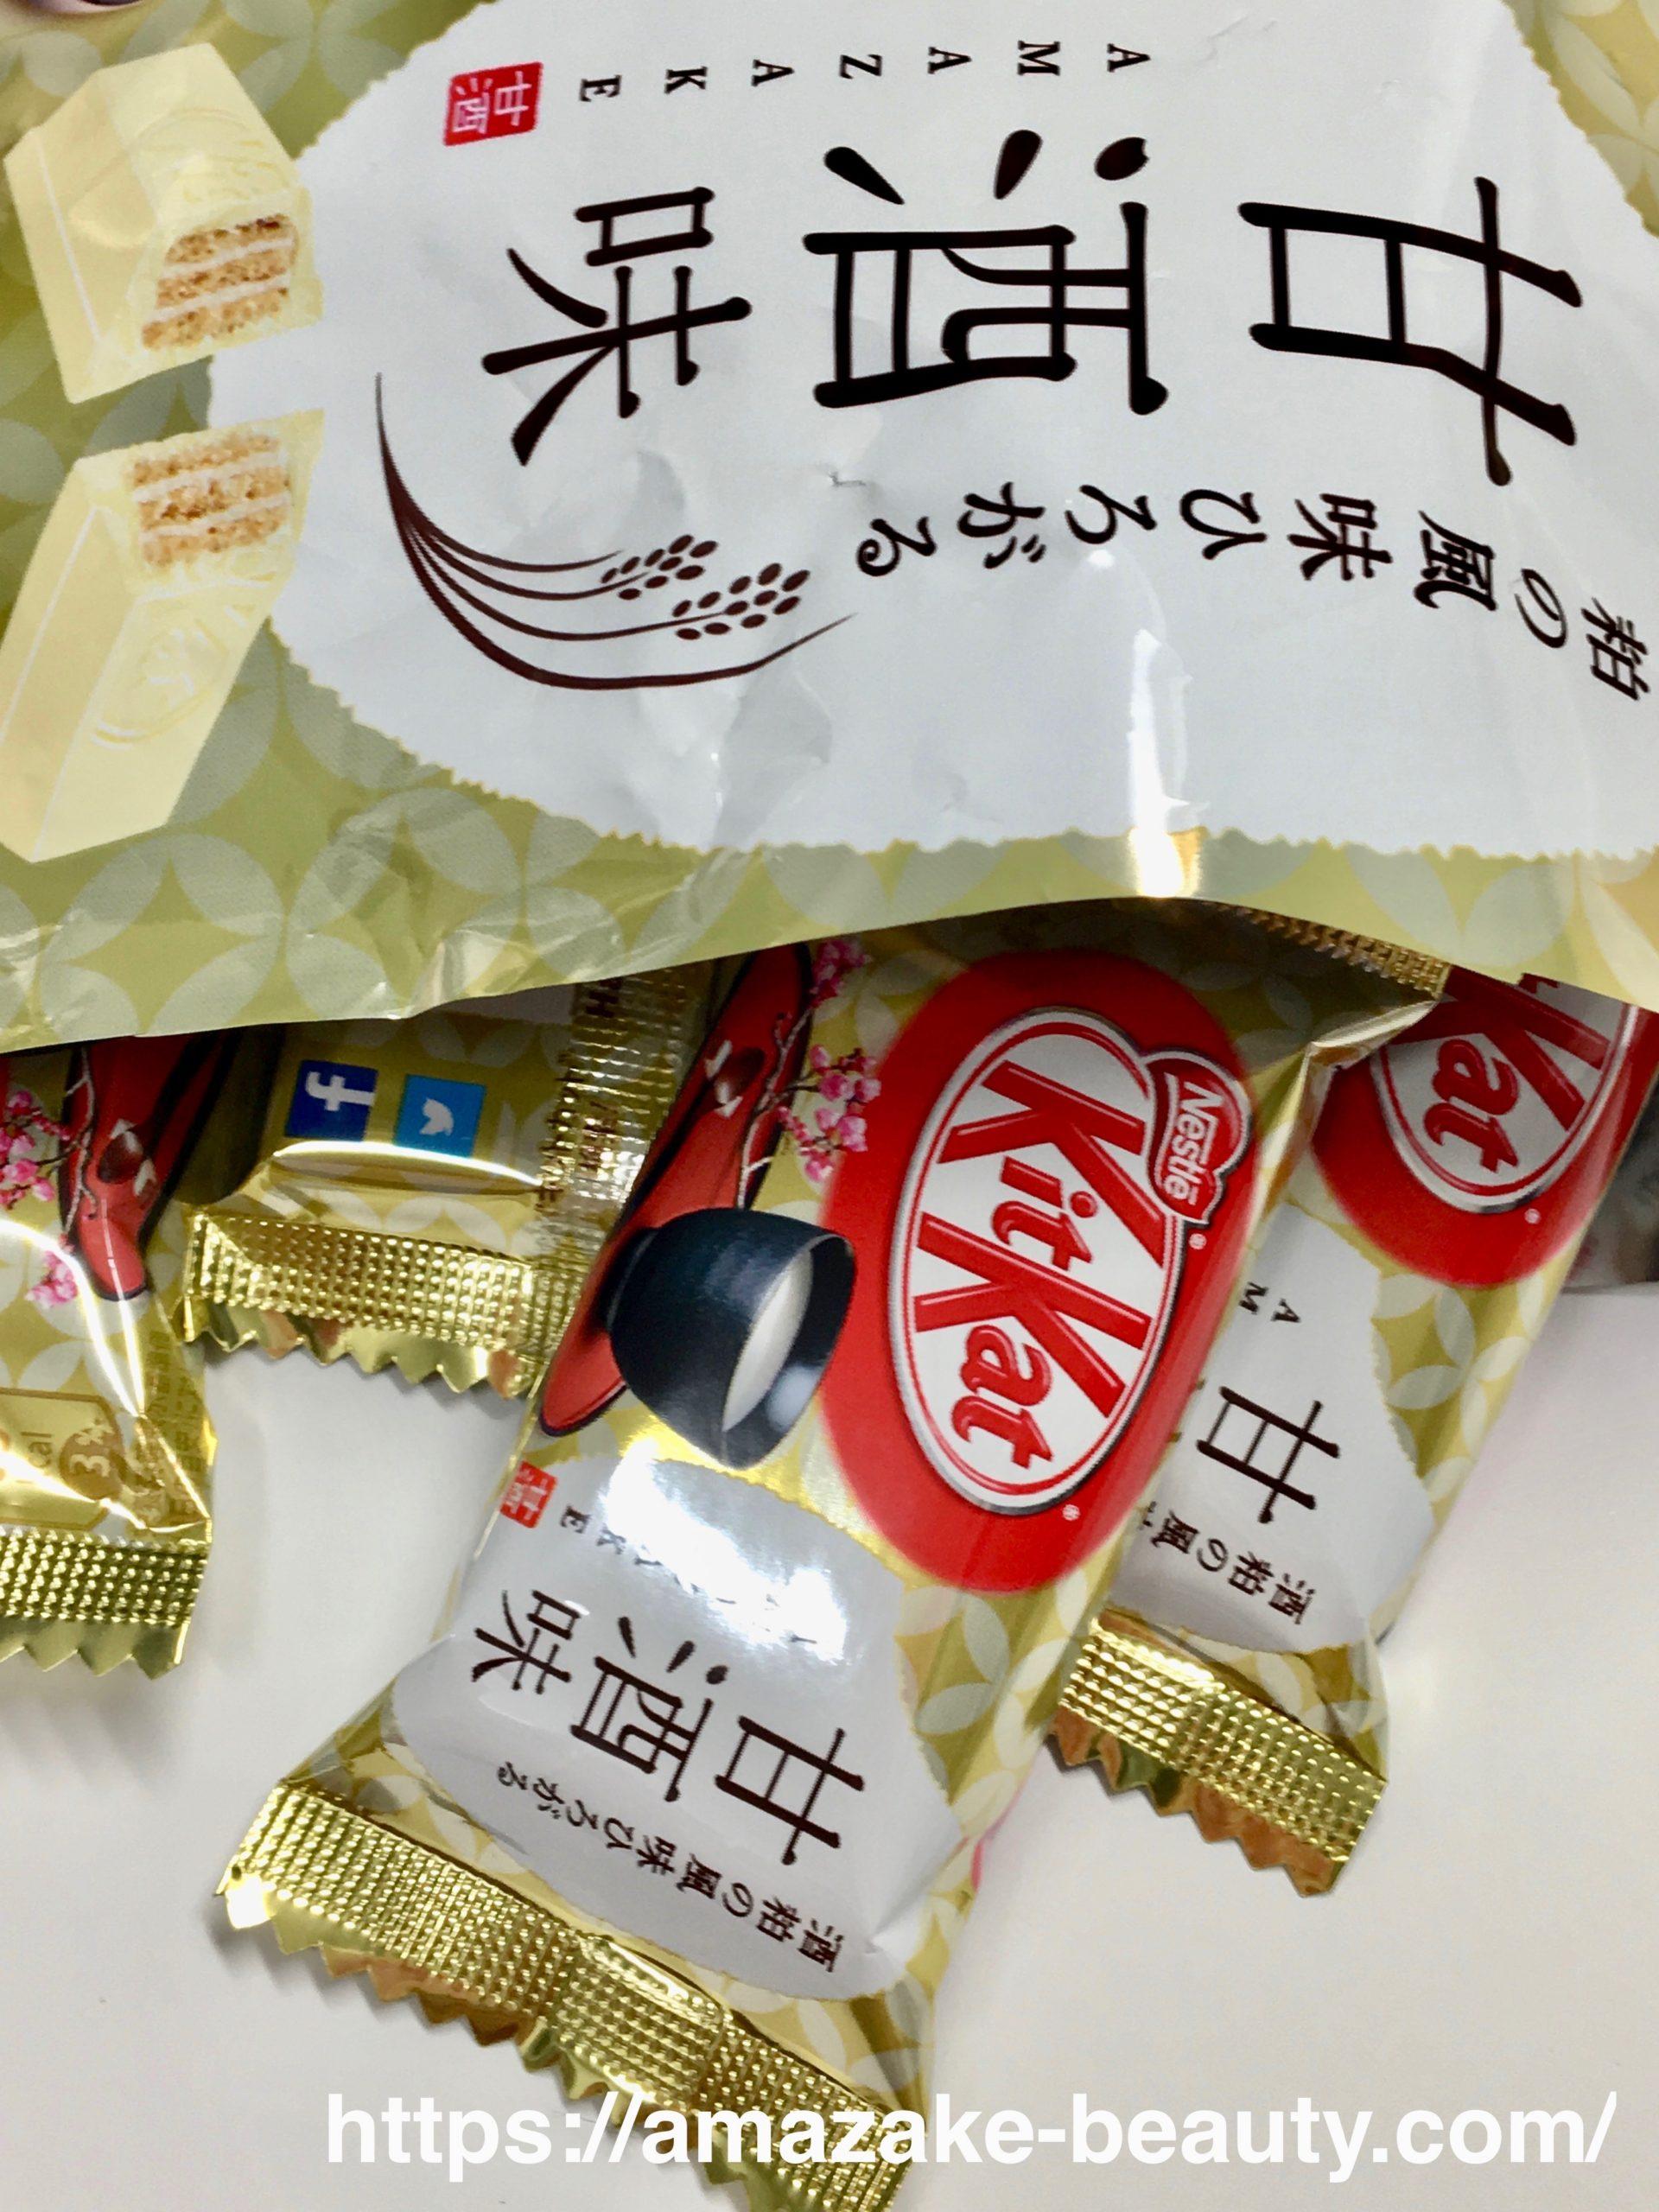 【甘酒甘味】ネスレ『キットカット ミニ 甘酒味』(パッケージの中身)